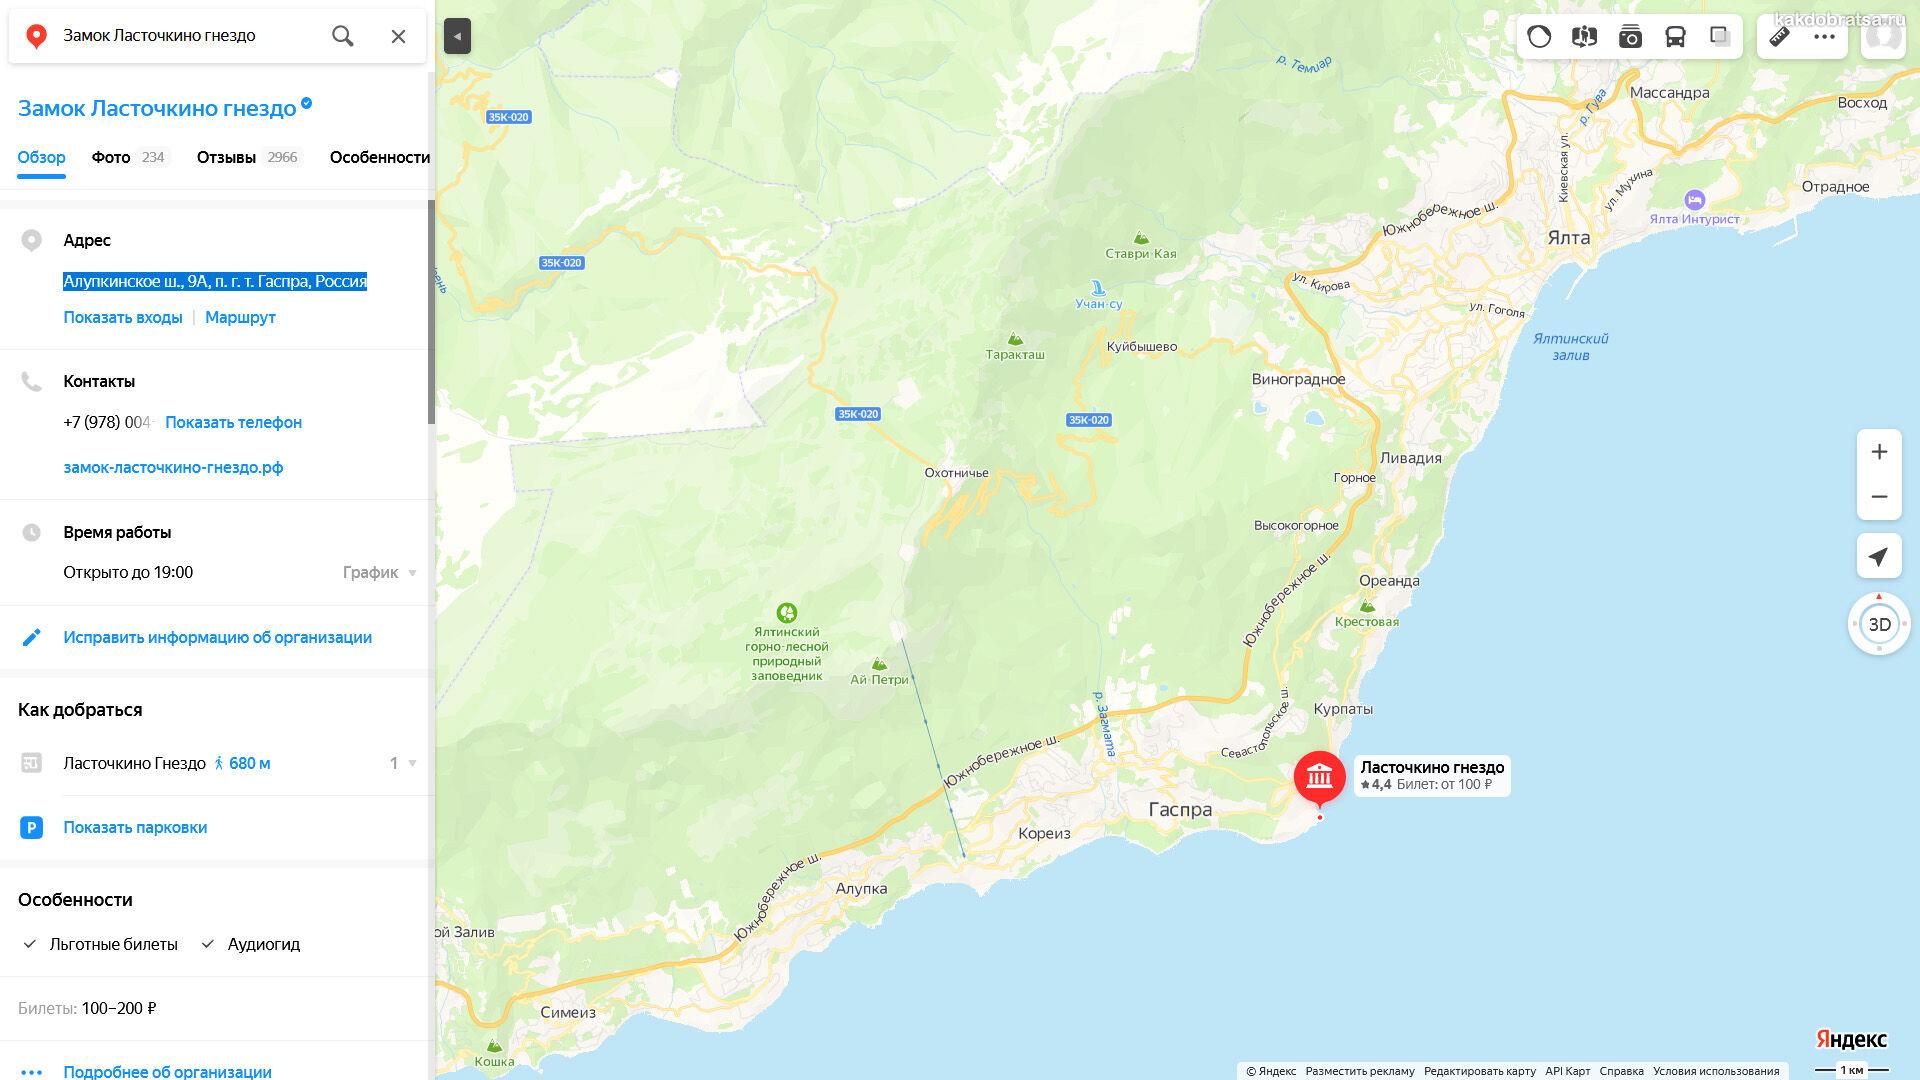 Замок Ласточкино гнездо в Крыму - карта